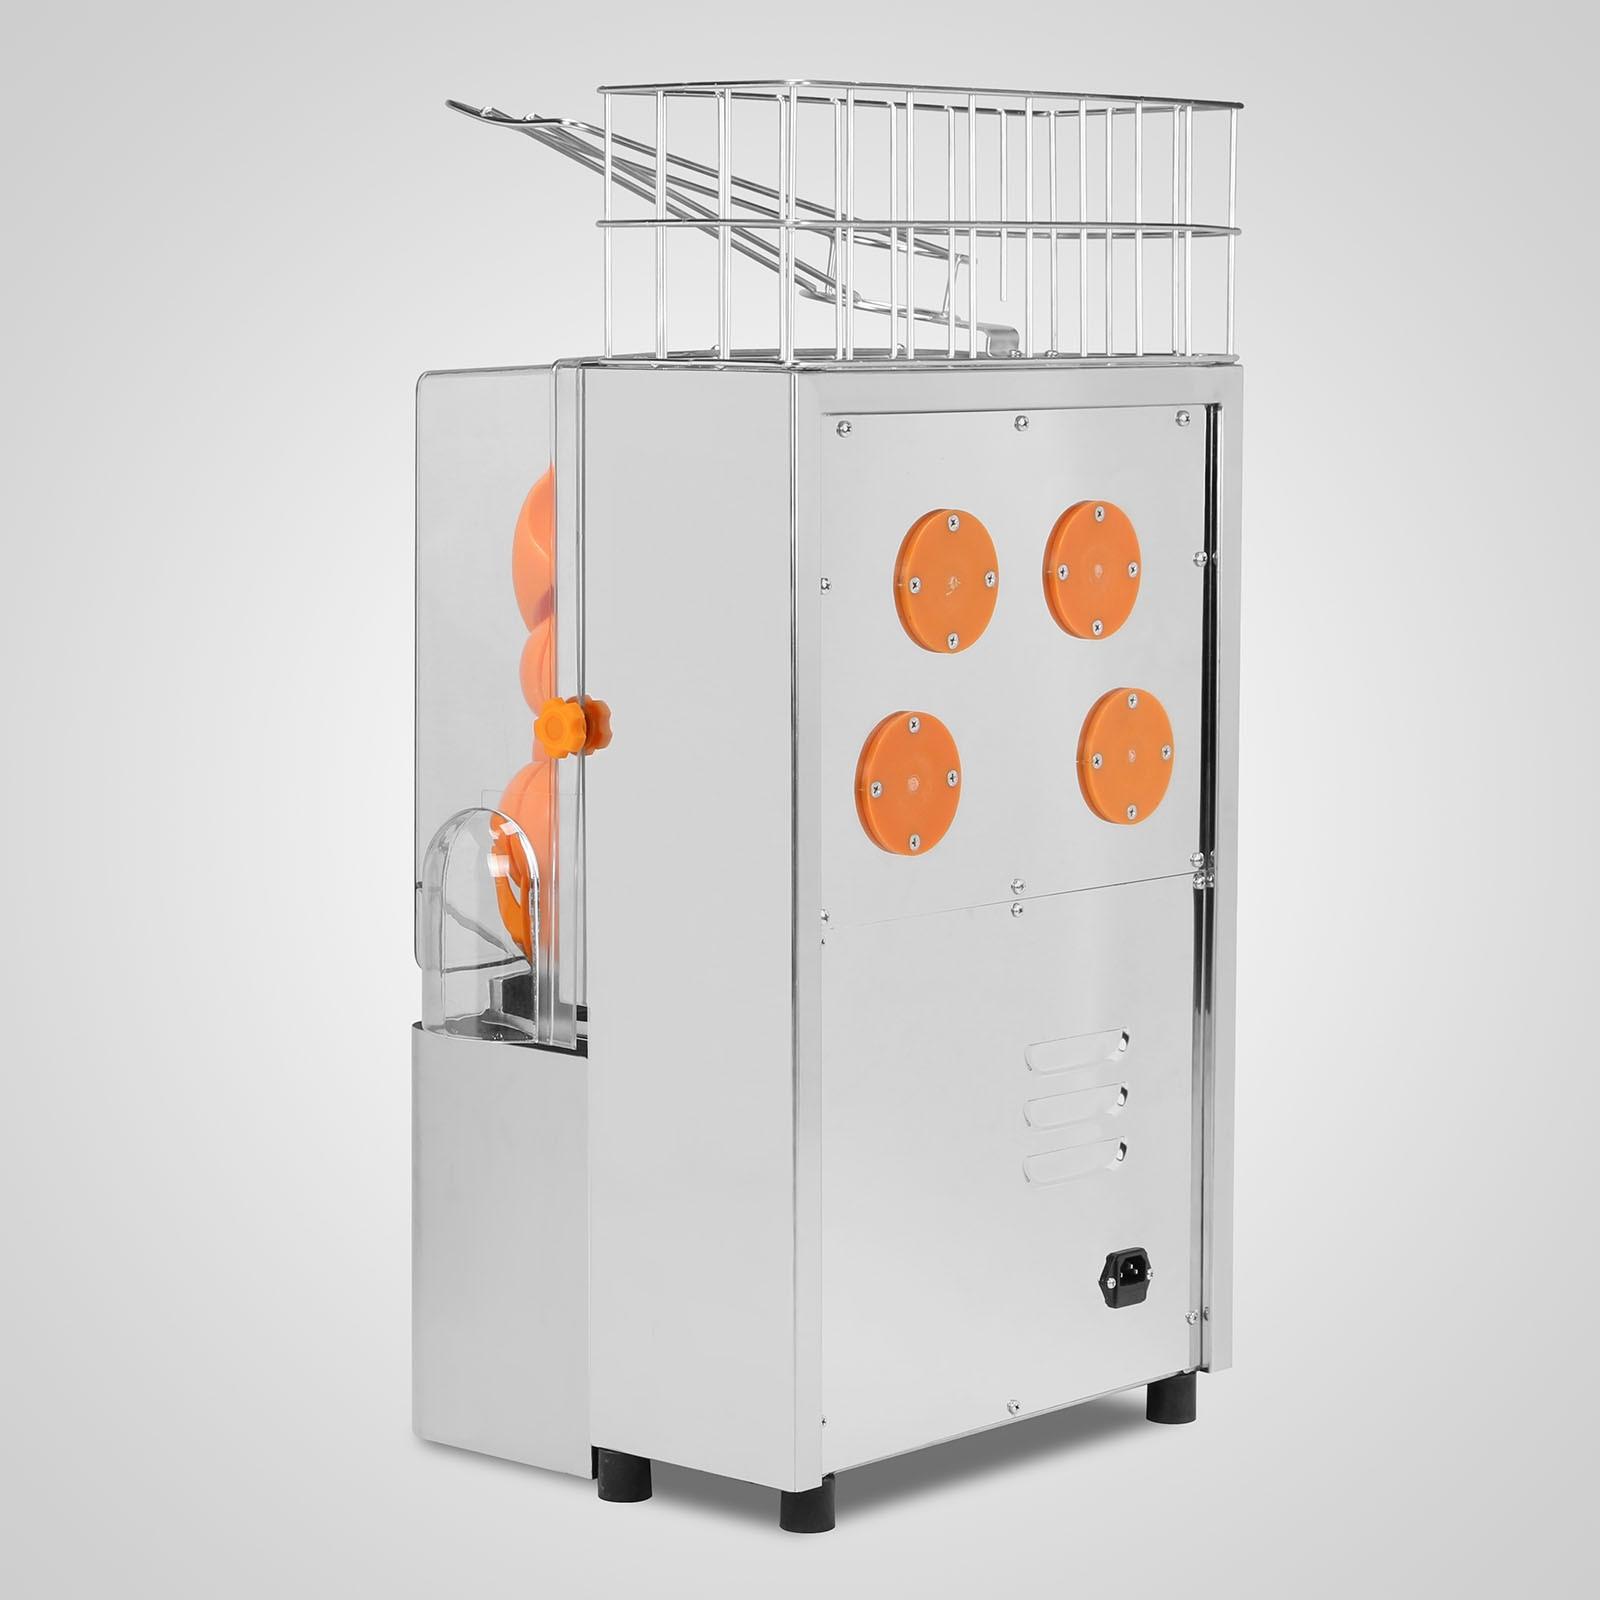 Автоматическая соковыжималка для апельсинов из нержавеющей стали 2